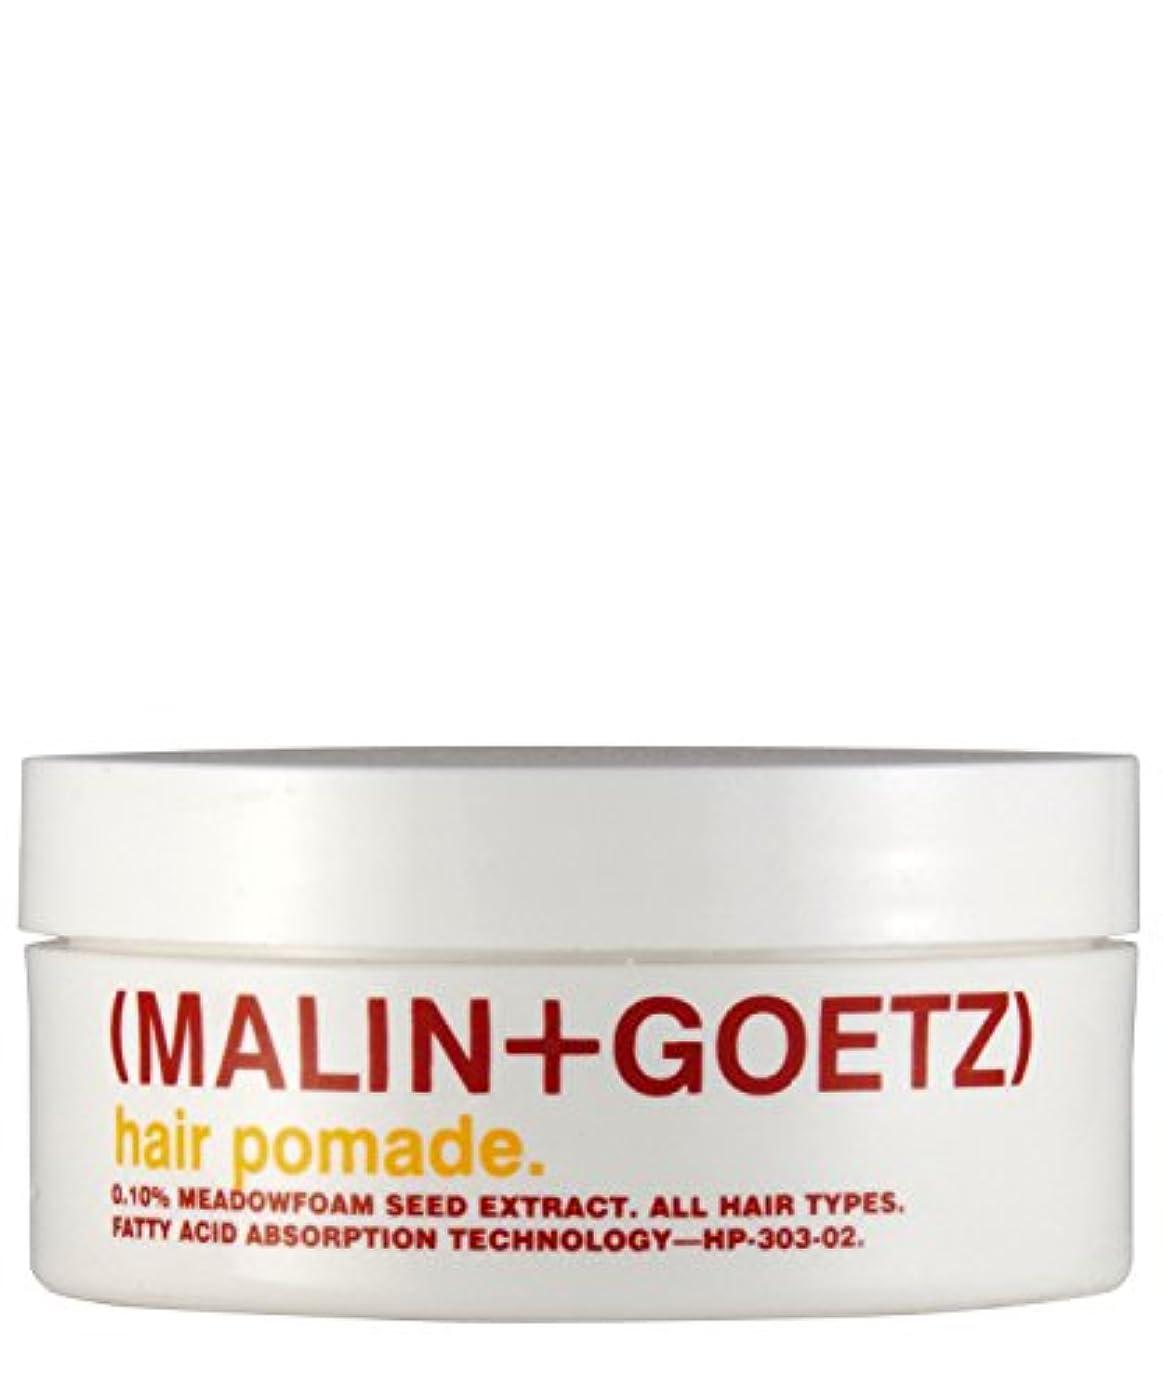 ターミナルクリスマス気質MALIN+GOETZ Hair Pomade, Malin+Goetz - マリン+ゲッツヘアポマード、マリン+ゲッツ [並行輸入品]